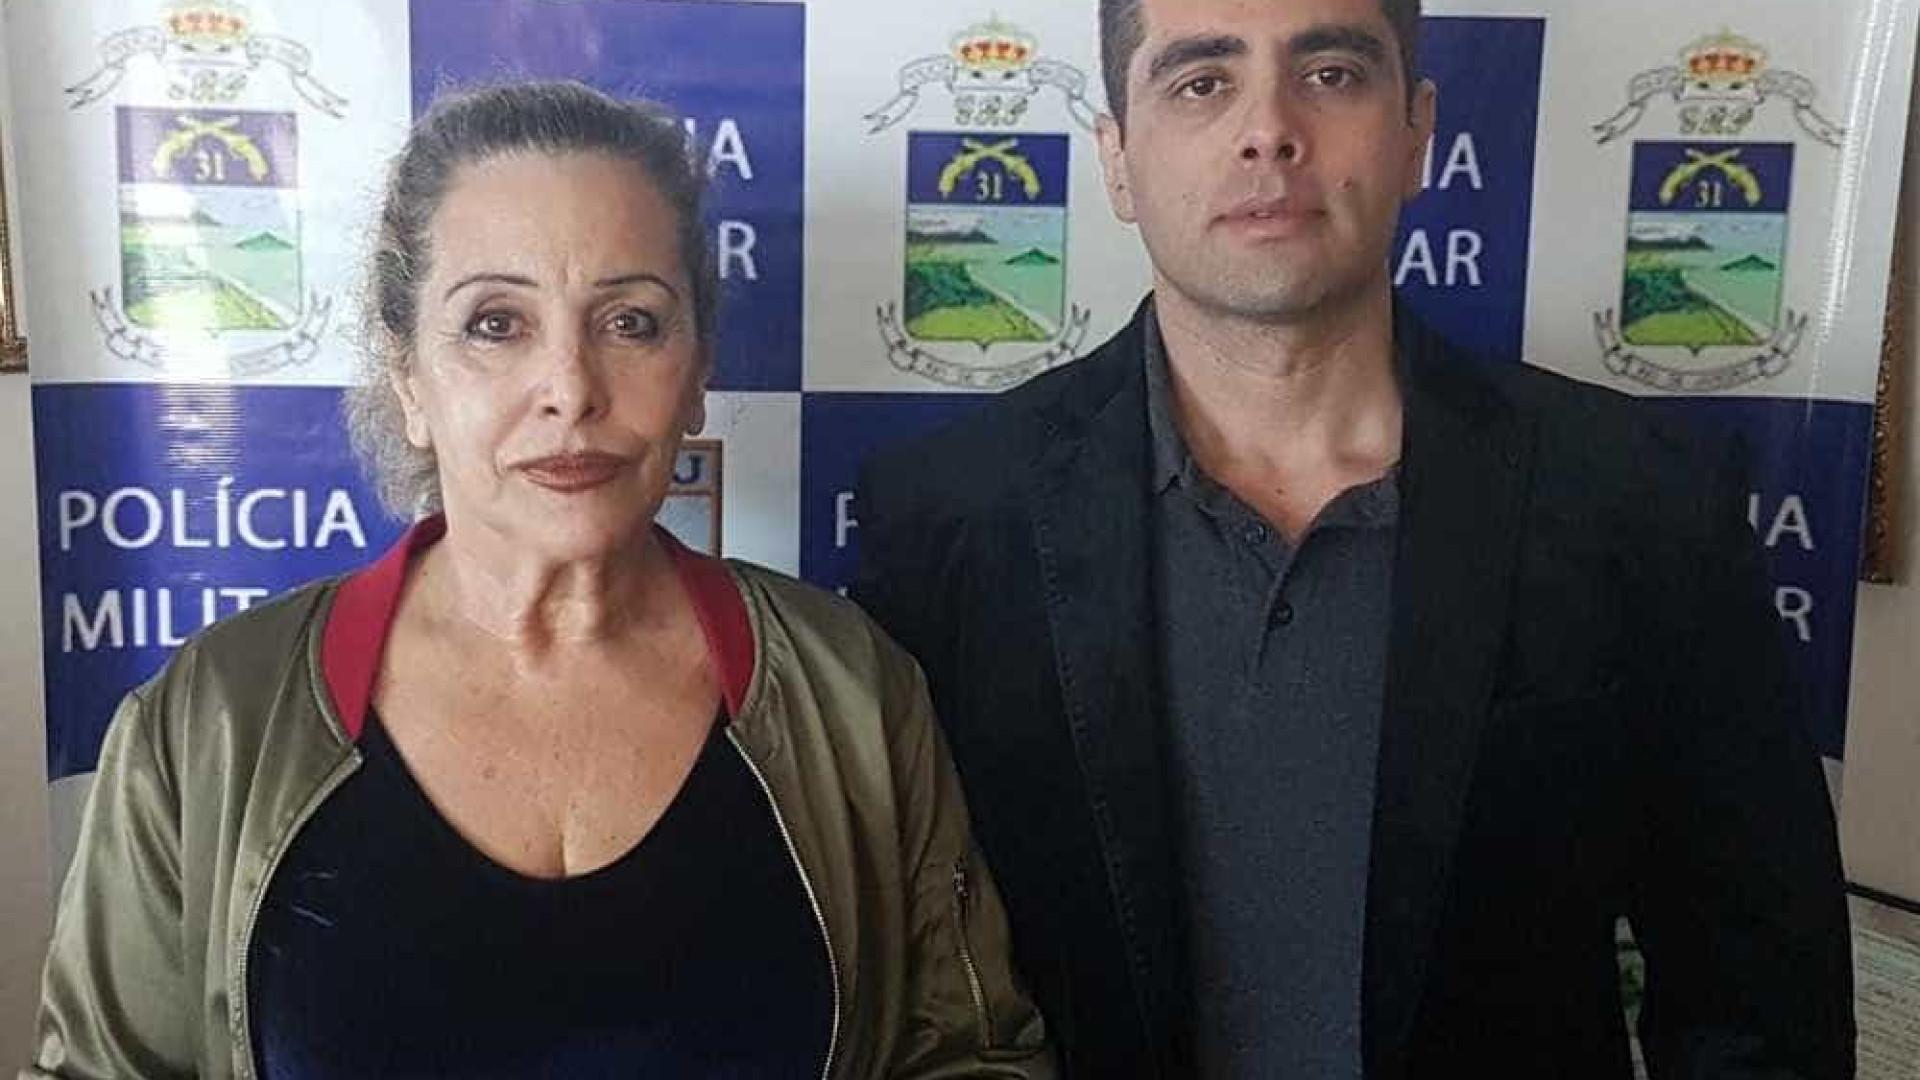 Doutor Bumbum e mãe são levados para o presídio de Benfica